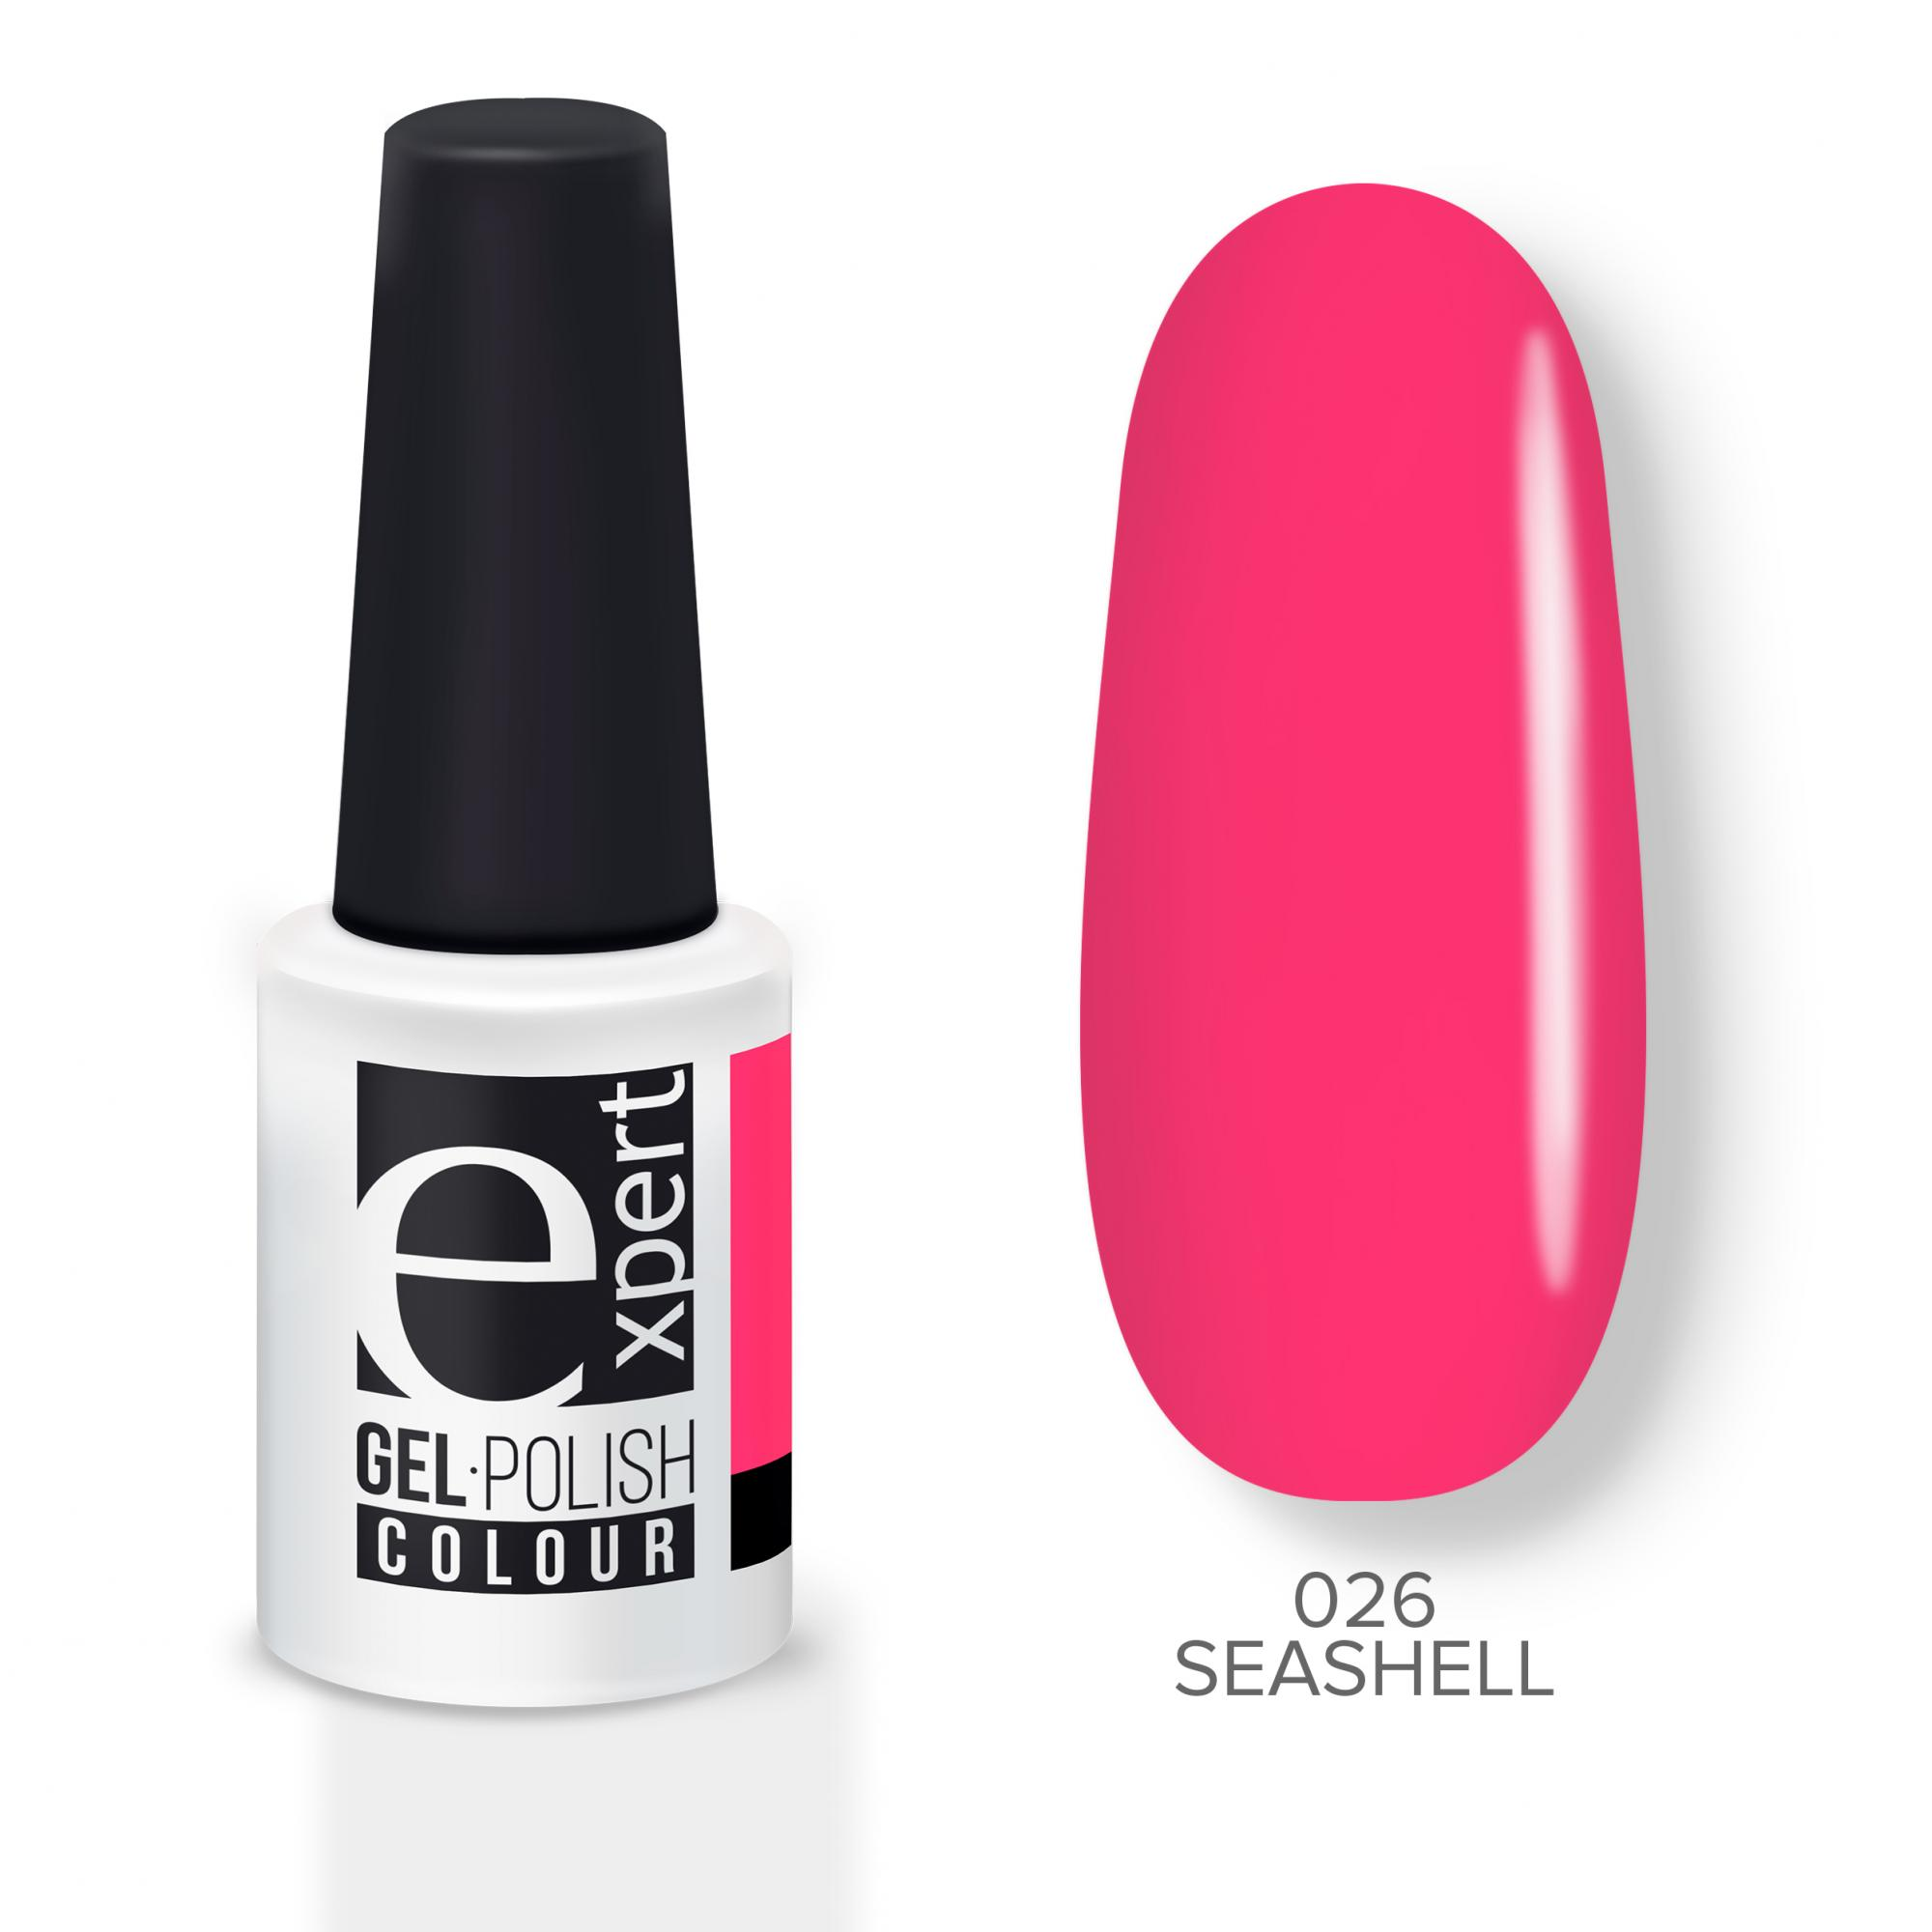 Купить Гель-лак Expert розовый неон Seashell 026 EXPERT, 5мл